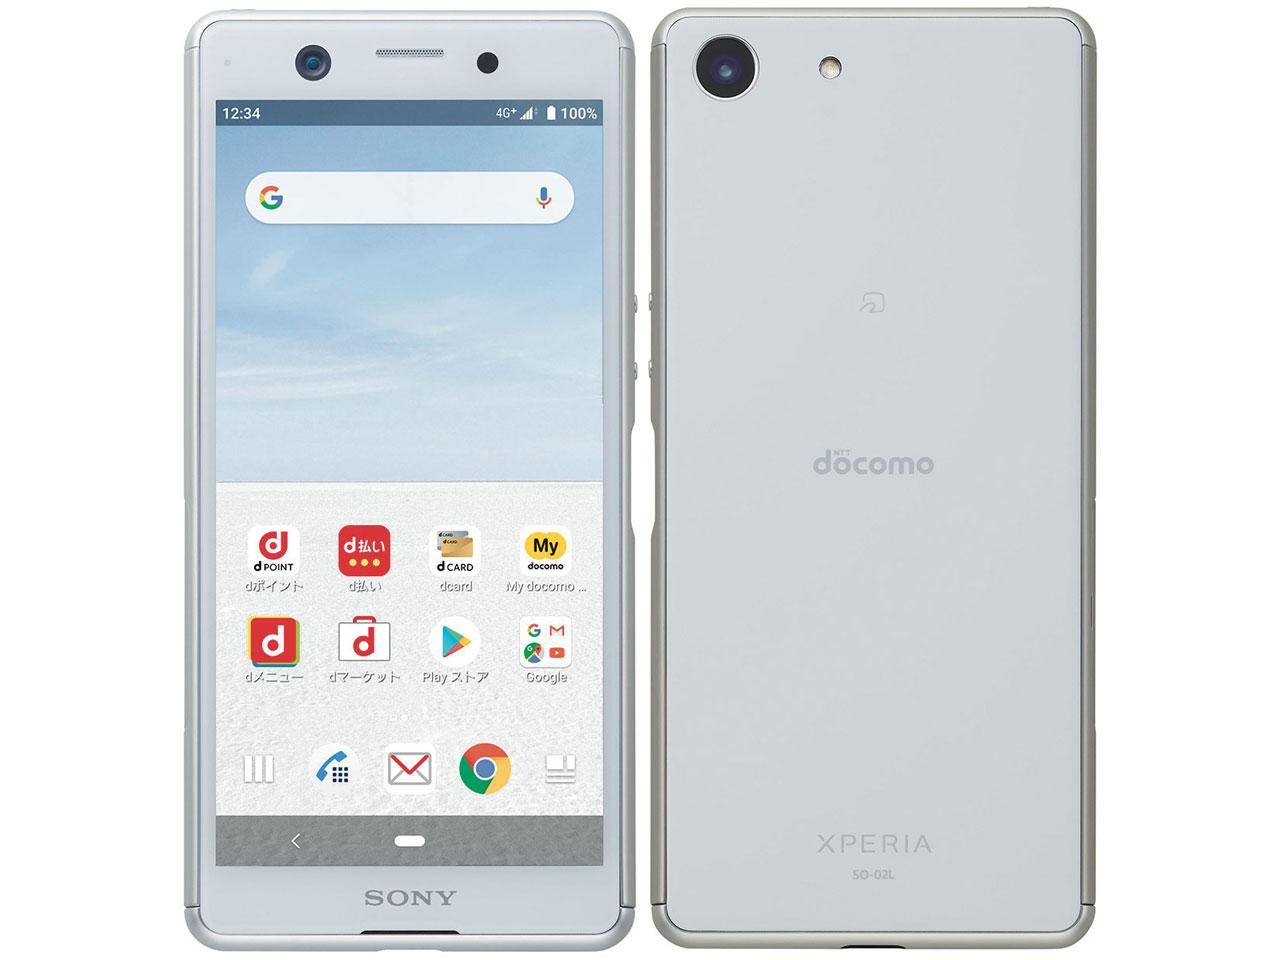 【新品・白ロム・本体】simロック解除済み docomo Xperia Ace SO-02L white スマートフォン 携帯電話 so-02l so-02L SO-02L